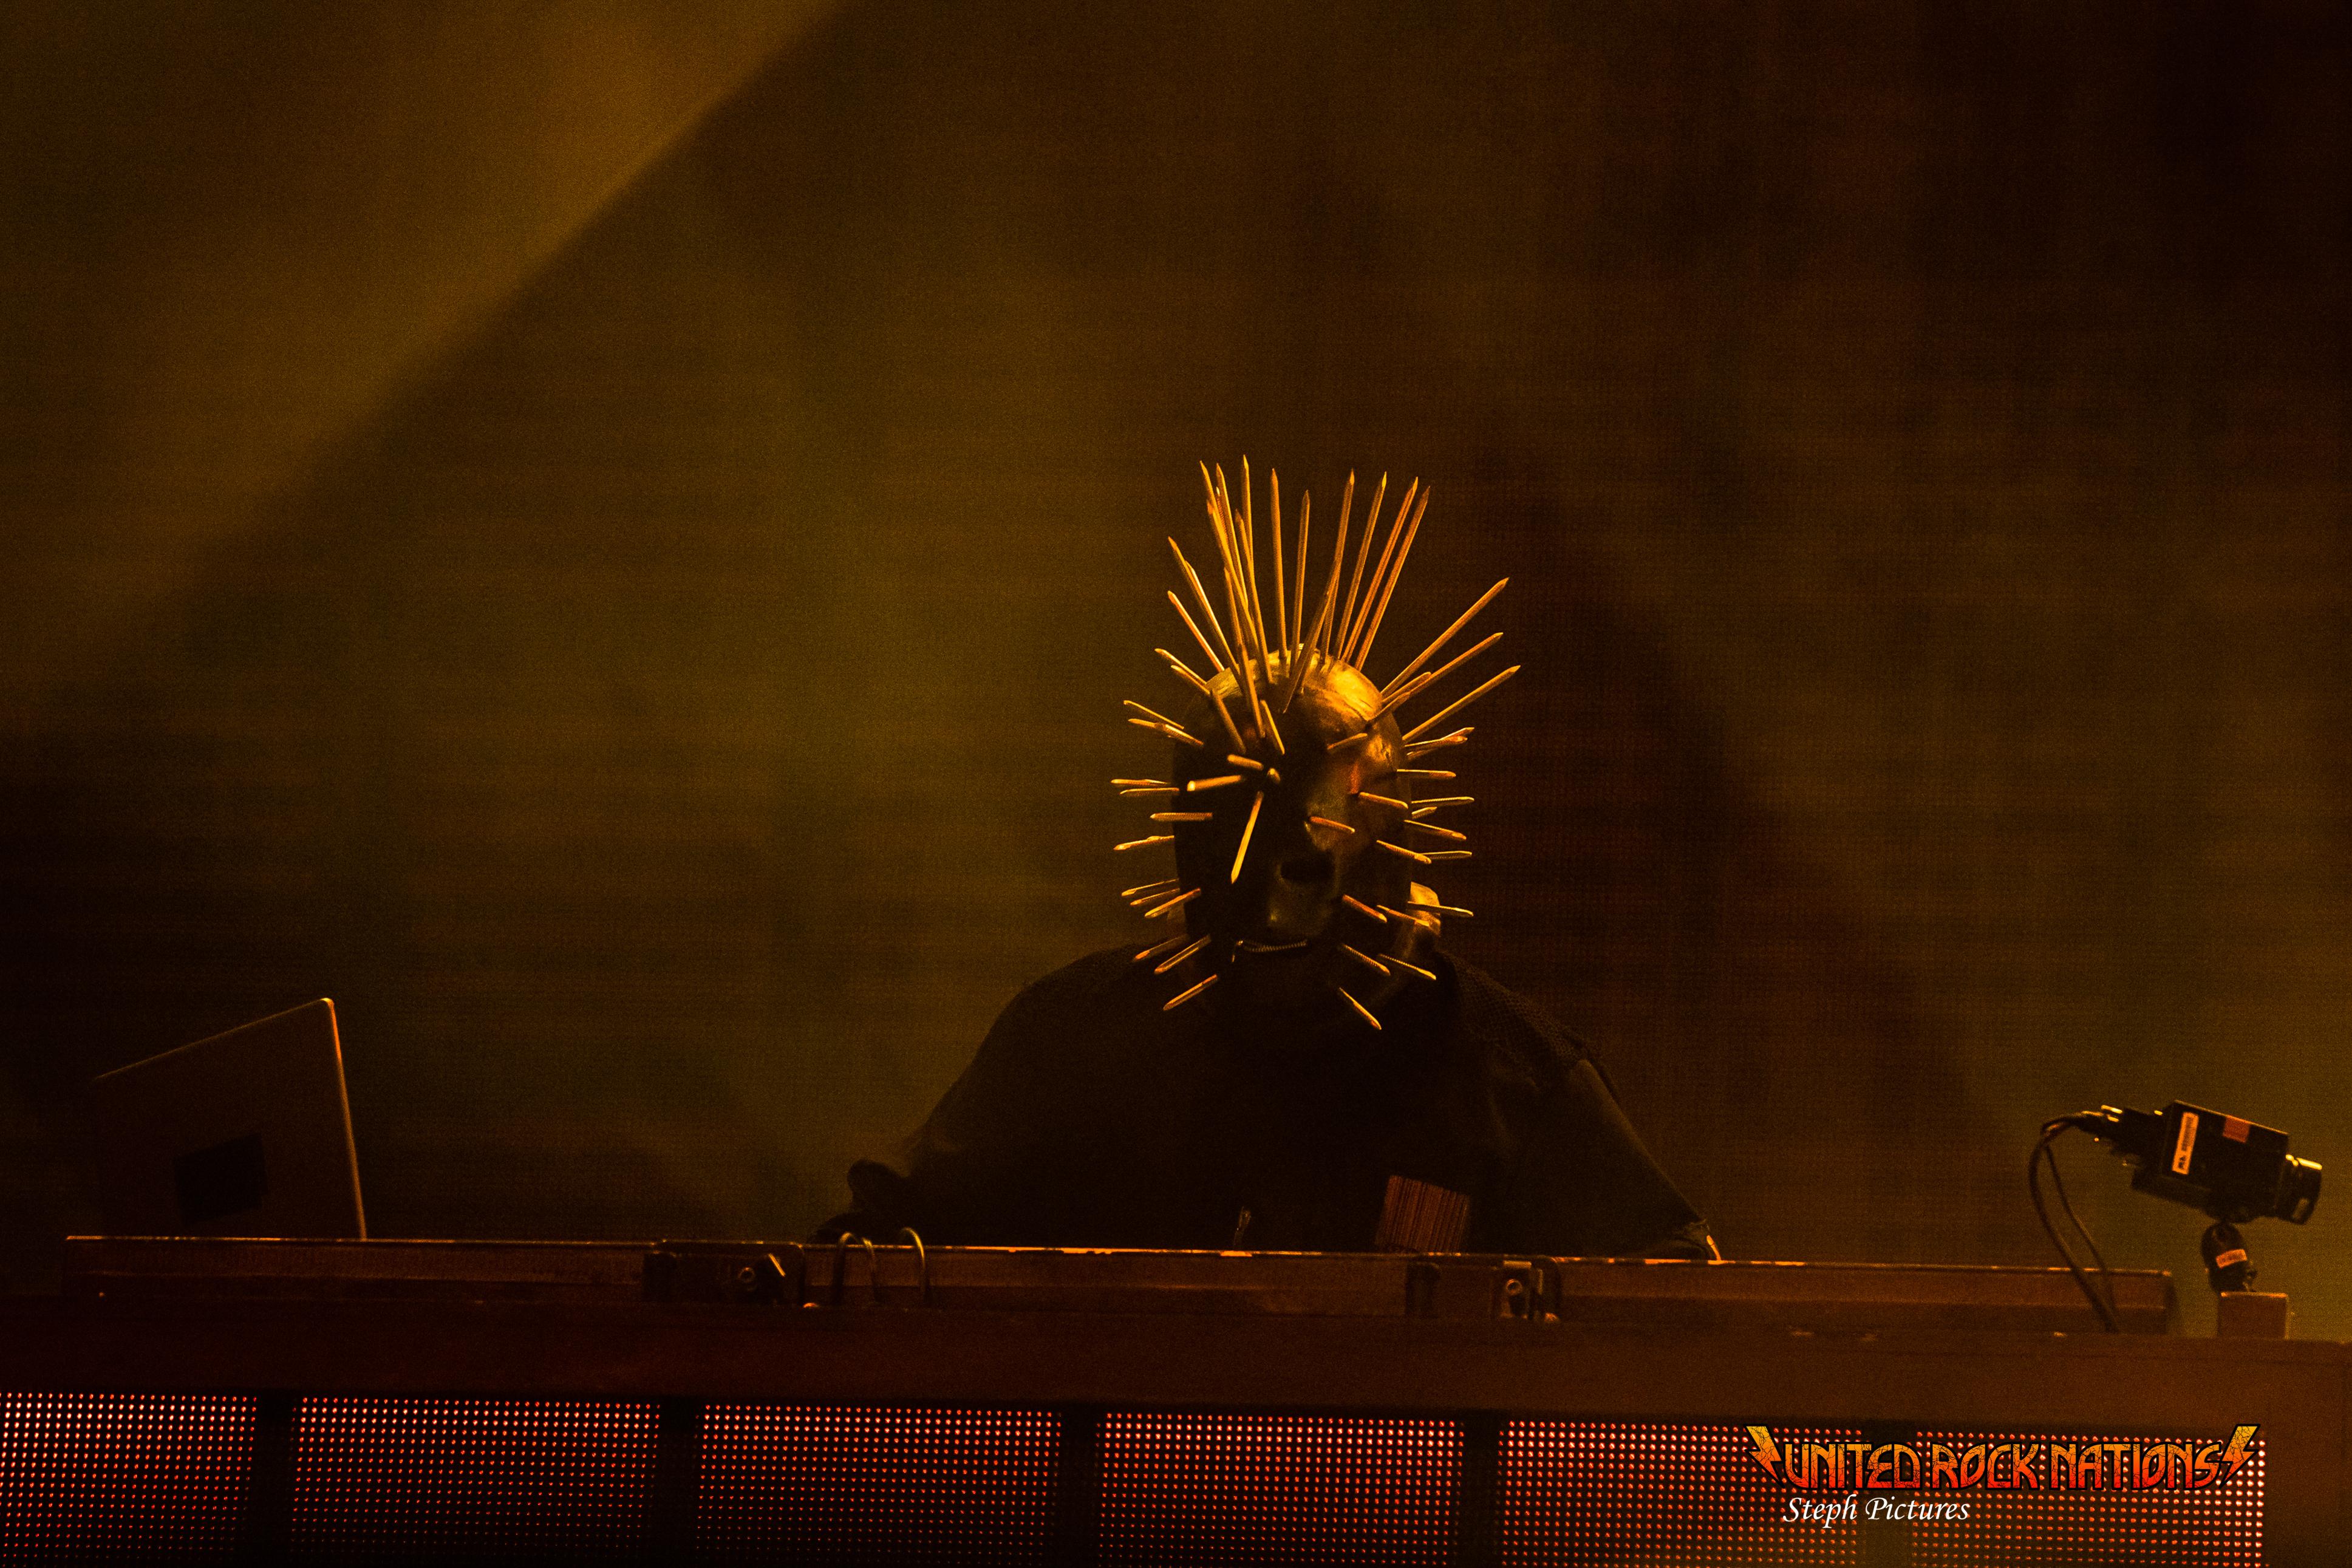 Slipknot - 5